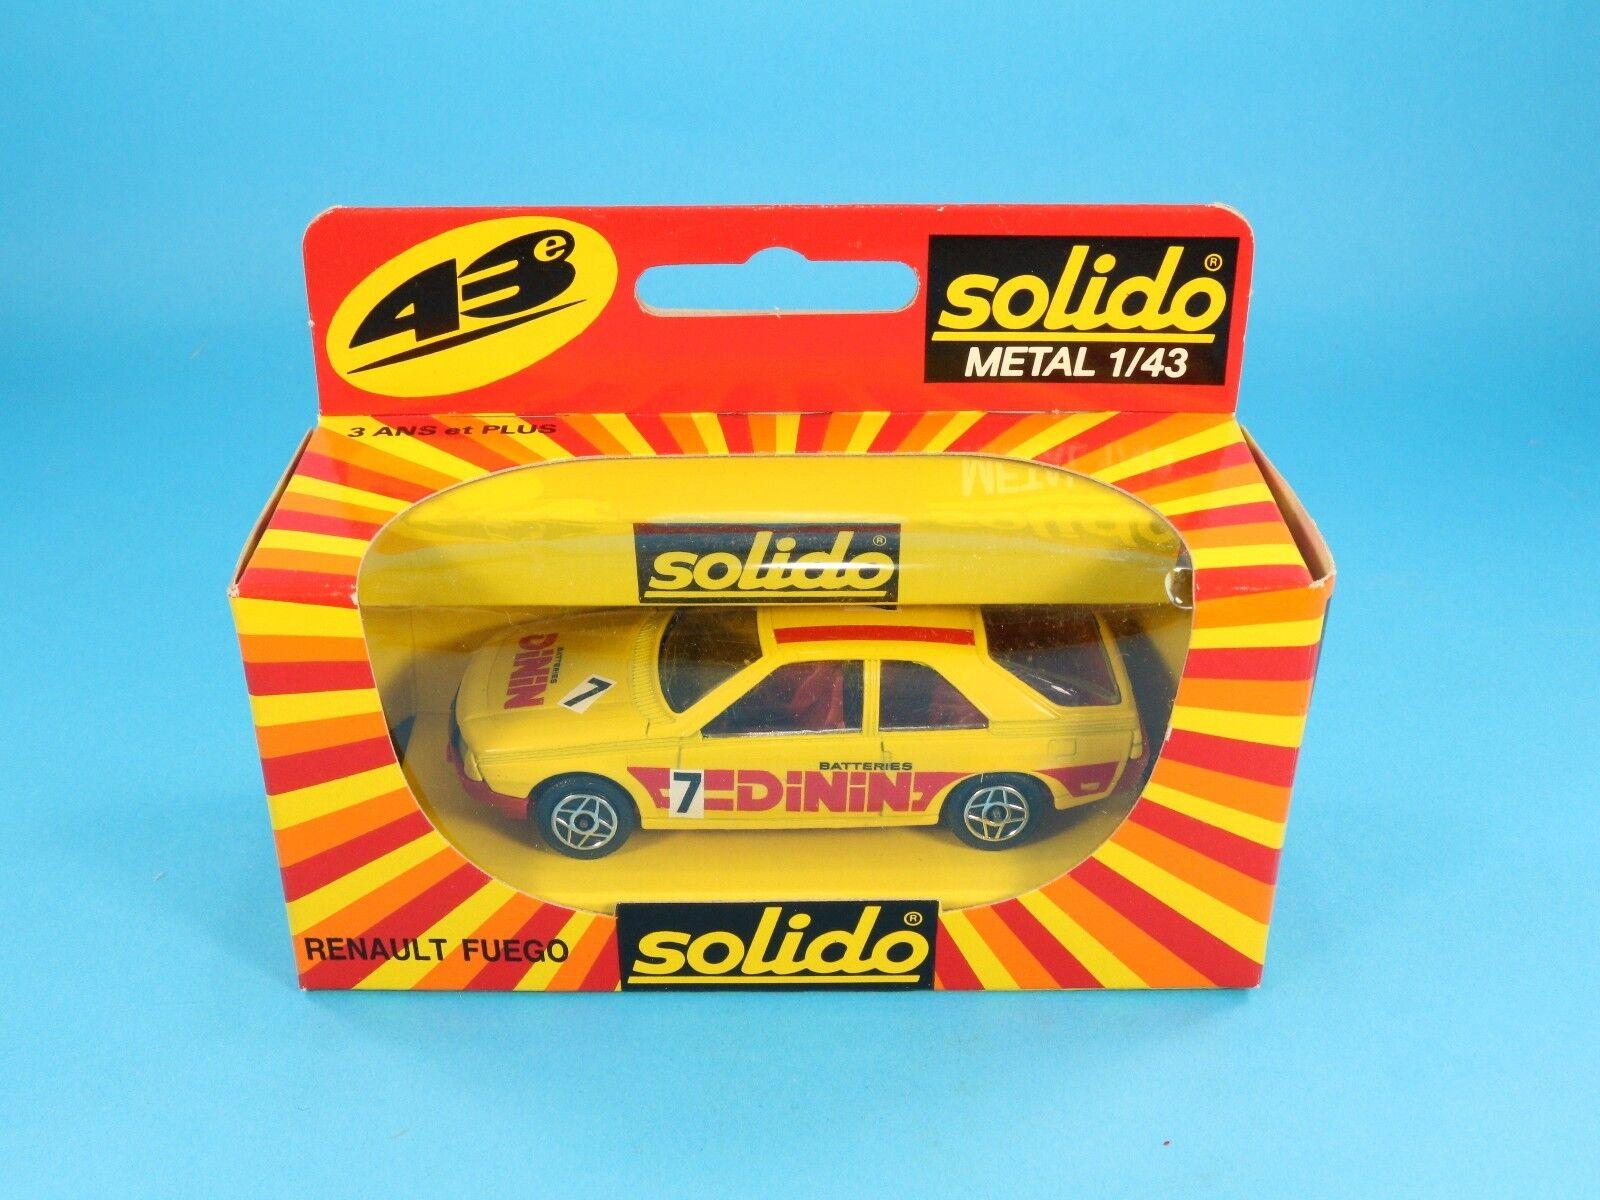 1 43 Solid No 1203 renault fuego Batteries Dinin Fund inventory NIB [ps3-037]